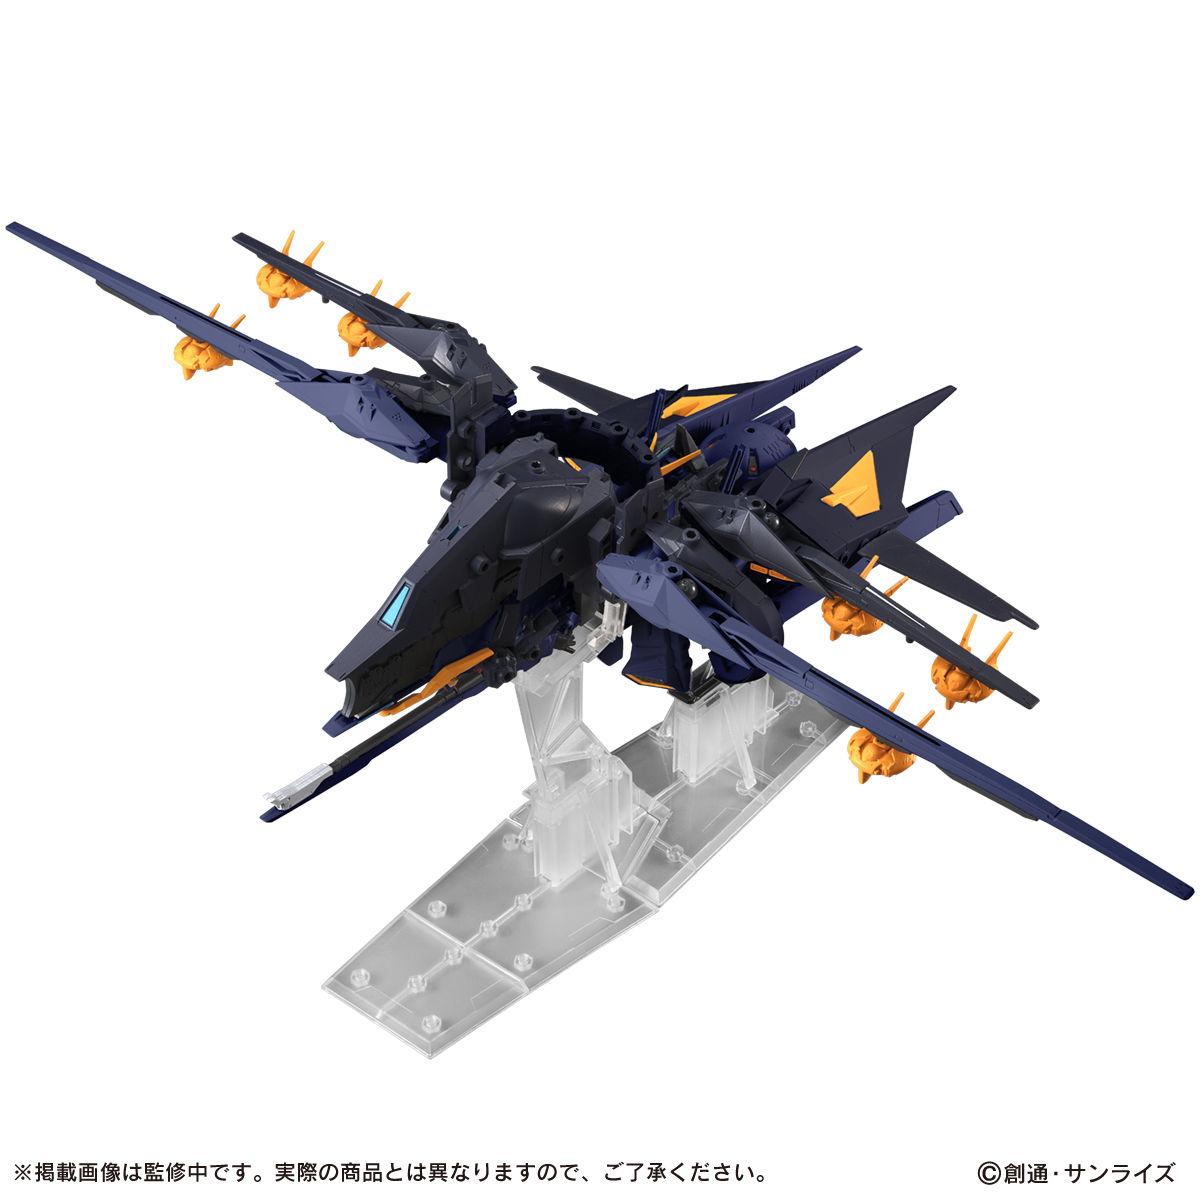 【限定販売】MOBILE SUIT ENSEMBLE『EX22 TR-6 インレ(ティターンズカラー)』デフォルメ可動フィギュア-006